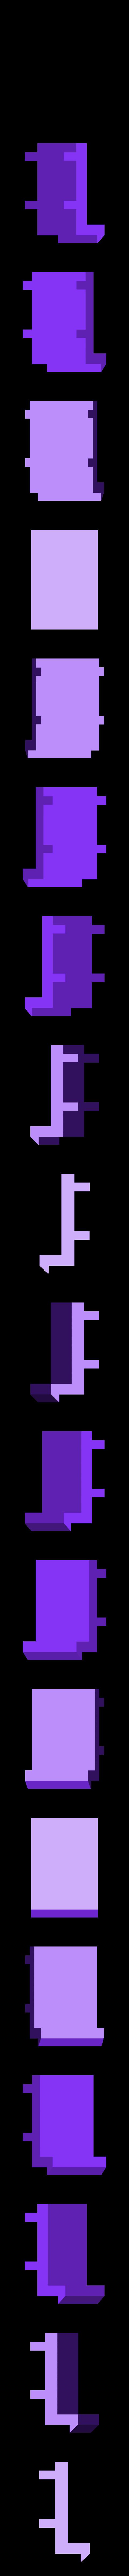 clip_system_w_box_clip.stl Télécharger fichier STL gratuit Boîte avec système de verrouillage *NOUVEAU • Modèle pour imprimante 3D, Khuxtan